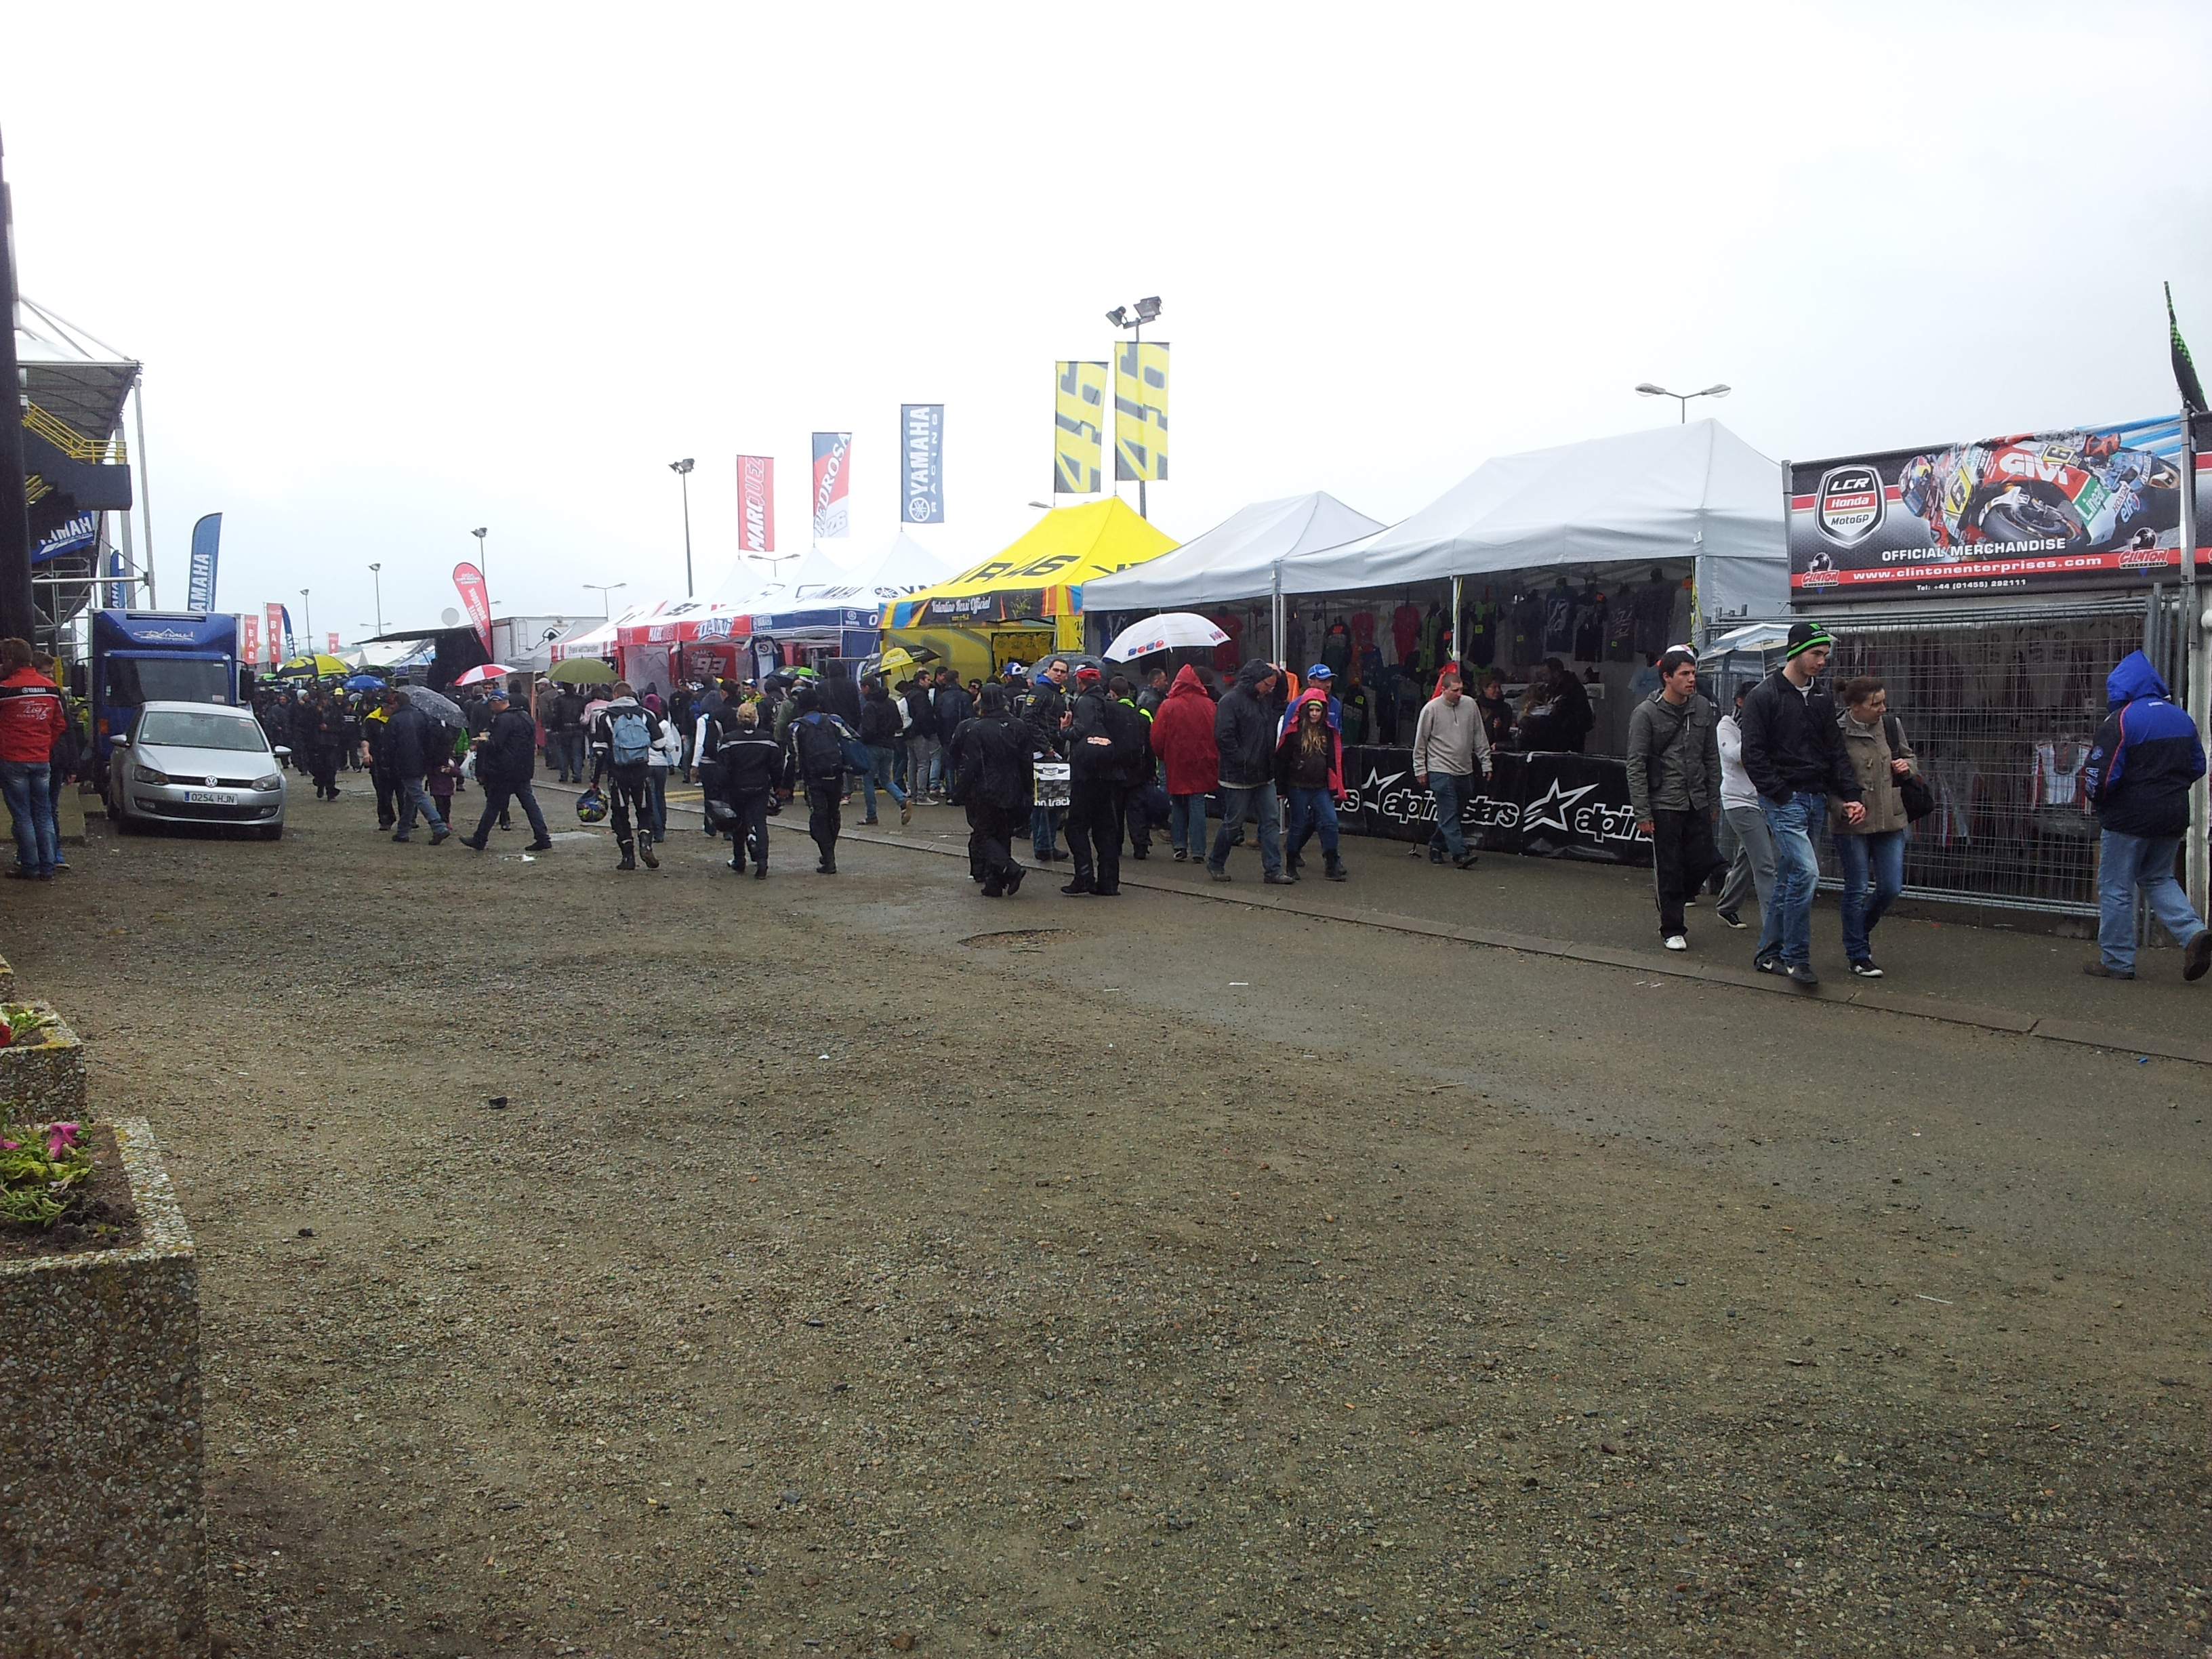 Grand prix de france motogp 2013 le mans la poign e dans l 39 angle - Village de chine le mans ...